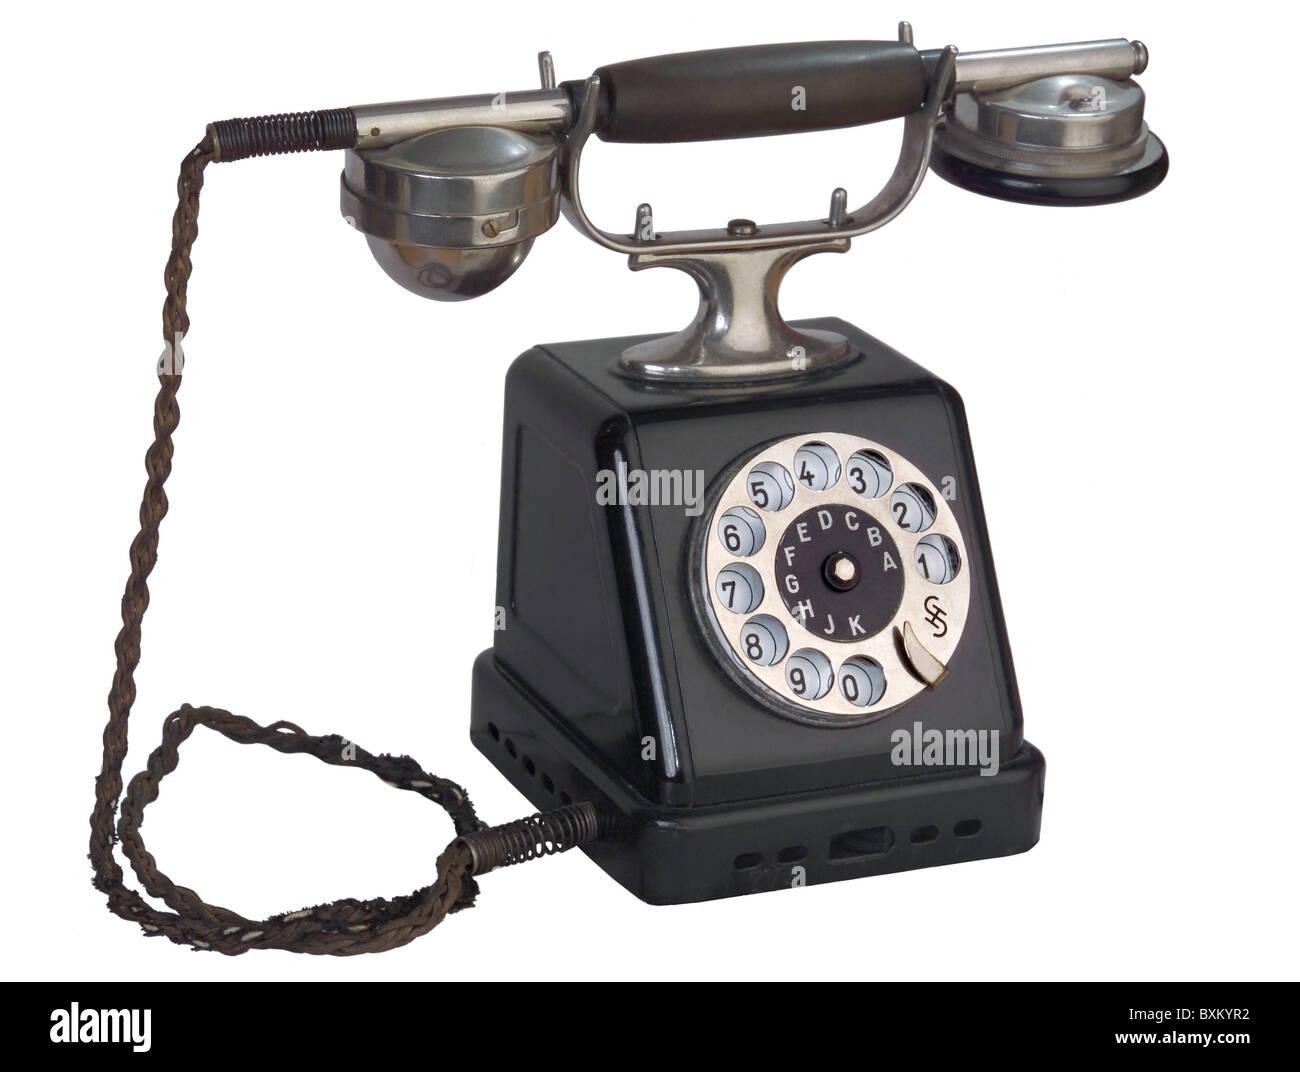 Telefon24 Erfahrungen